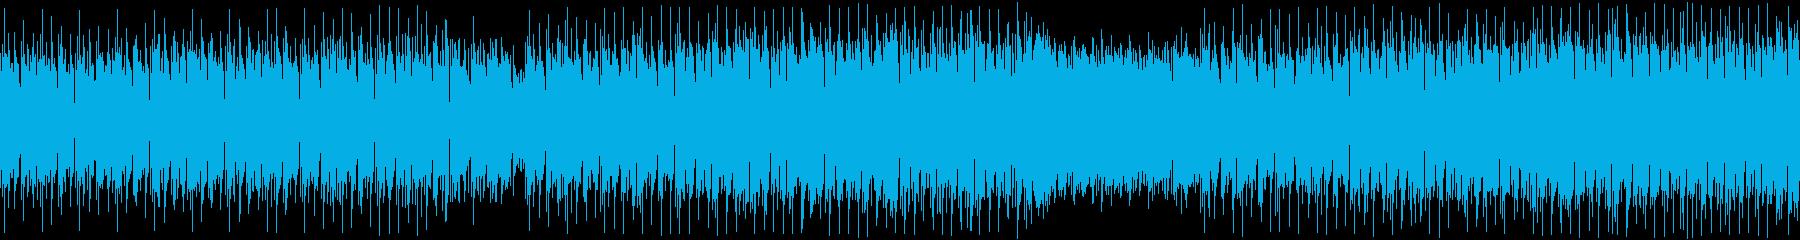 爽やか・透明感・始まり・アコギ AD23の再生済みの波形